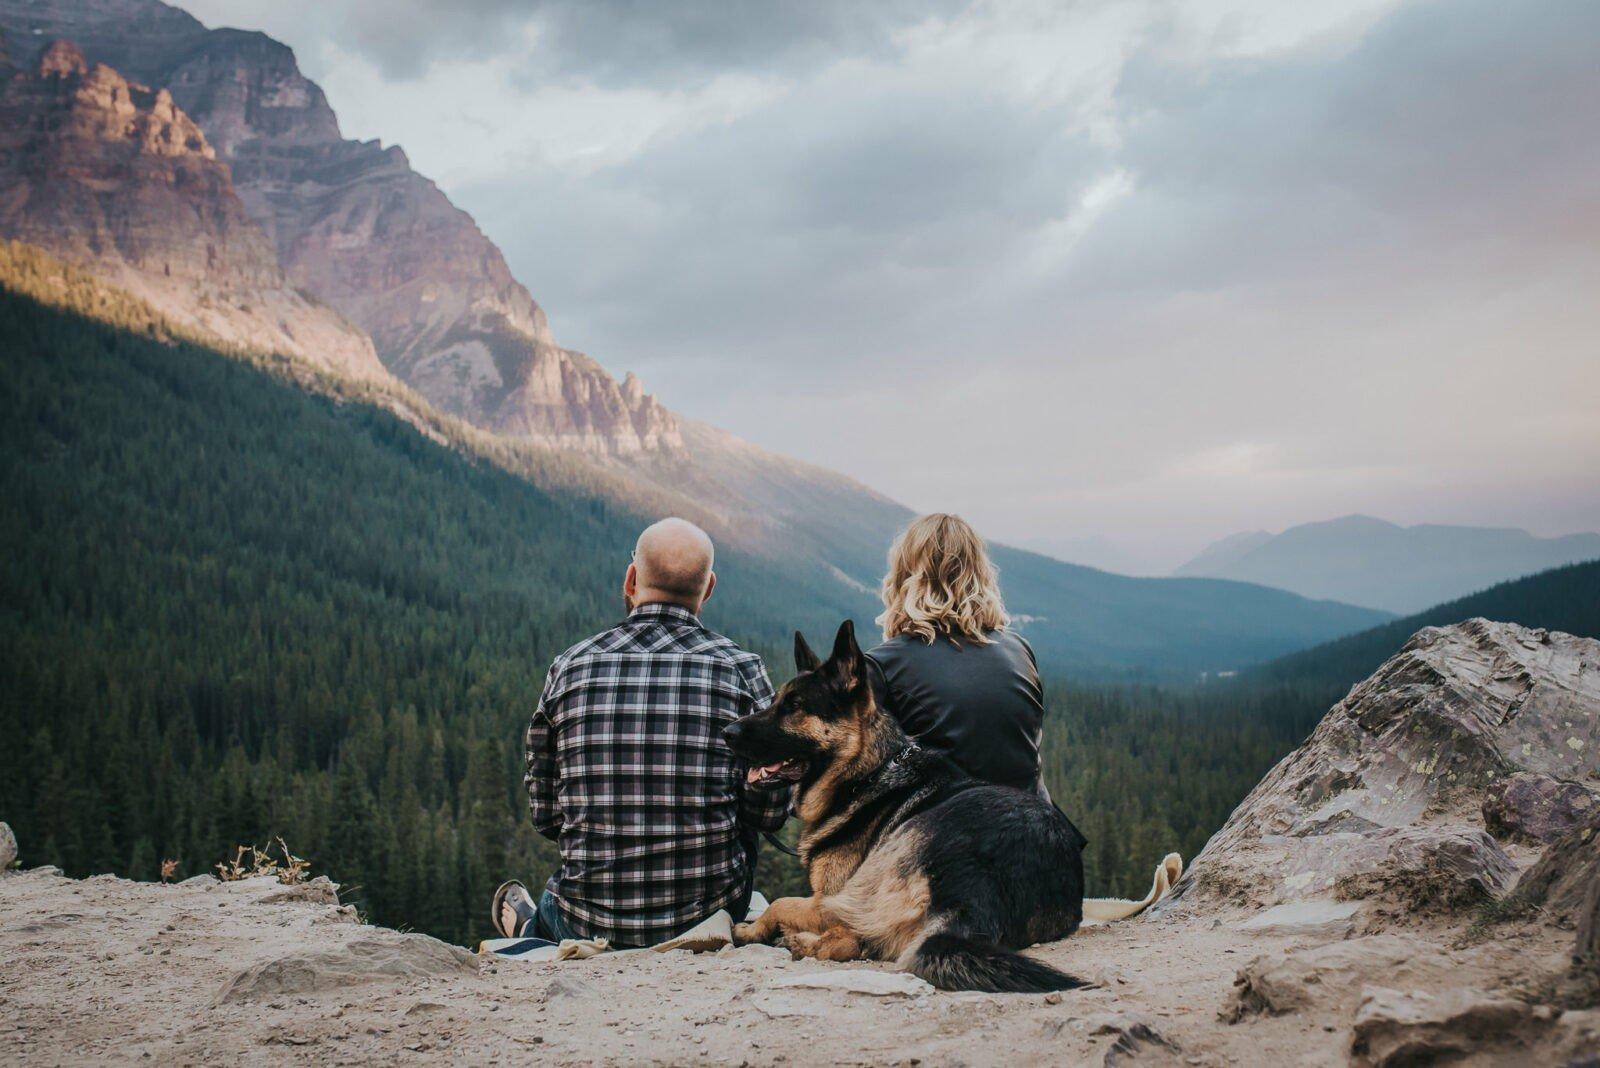 Sunrise Mountain engagement session